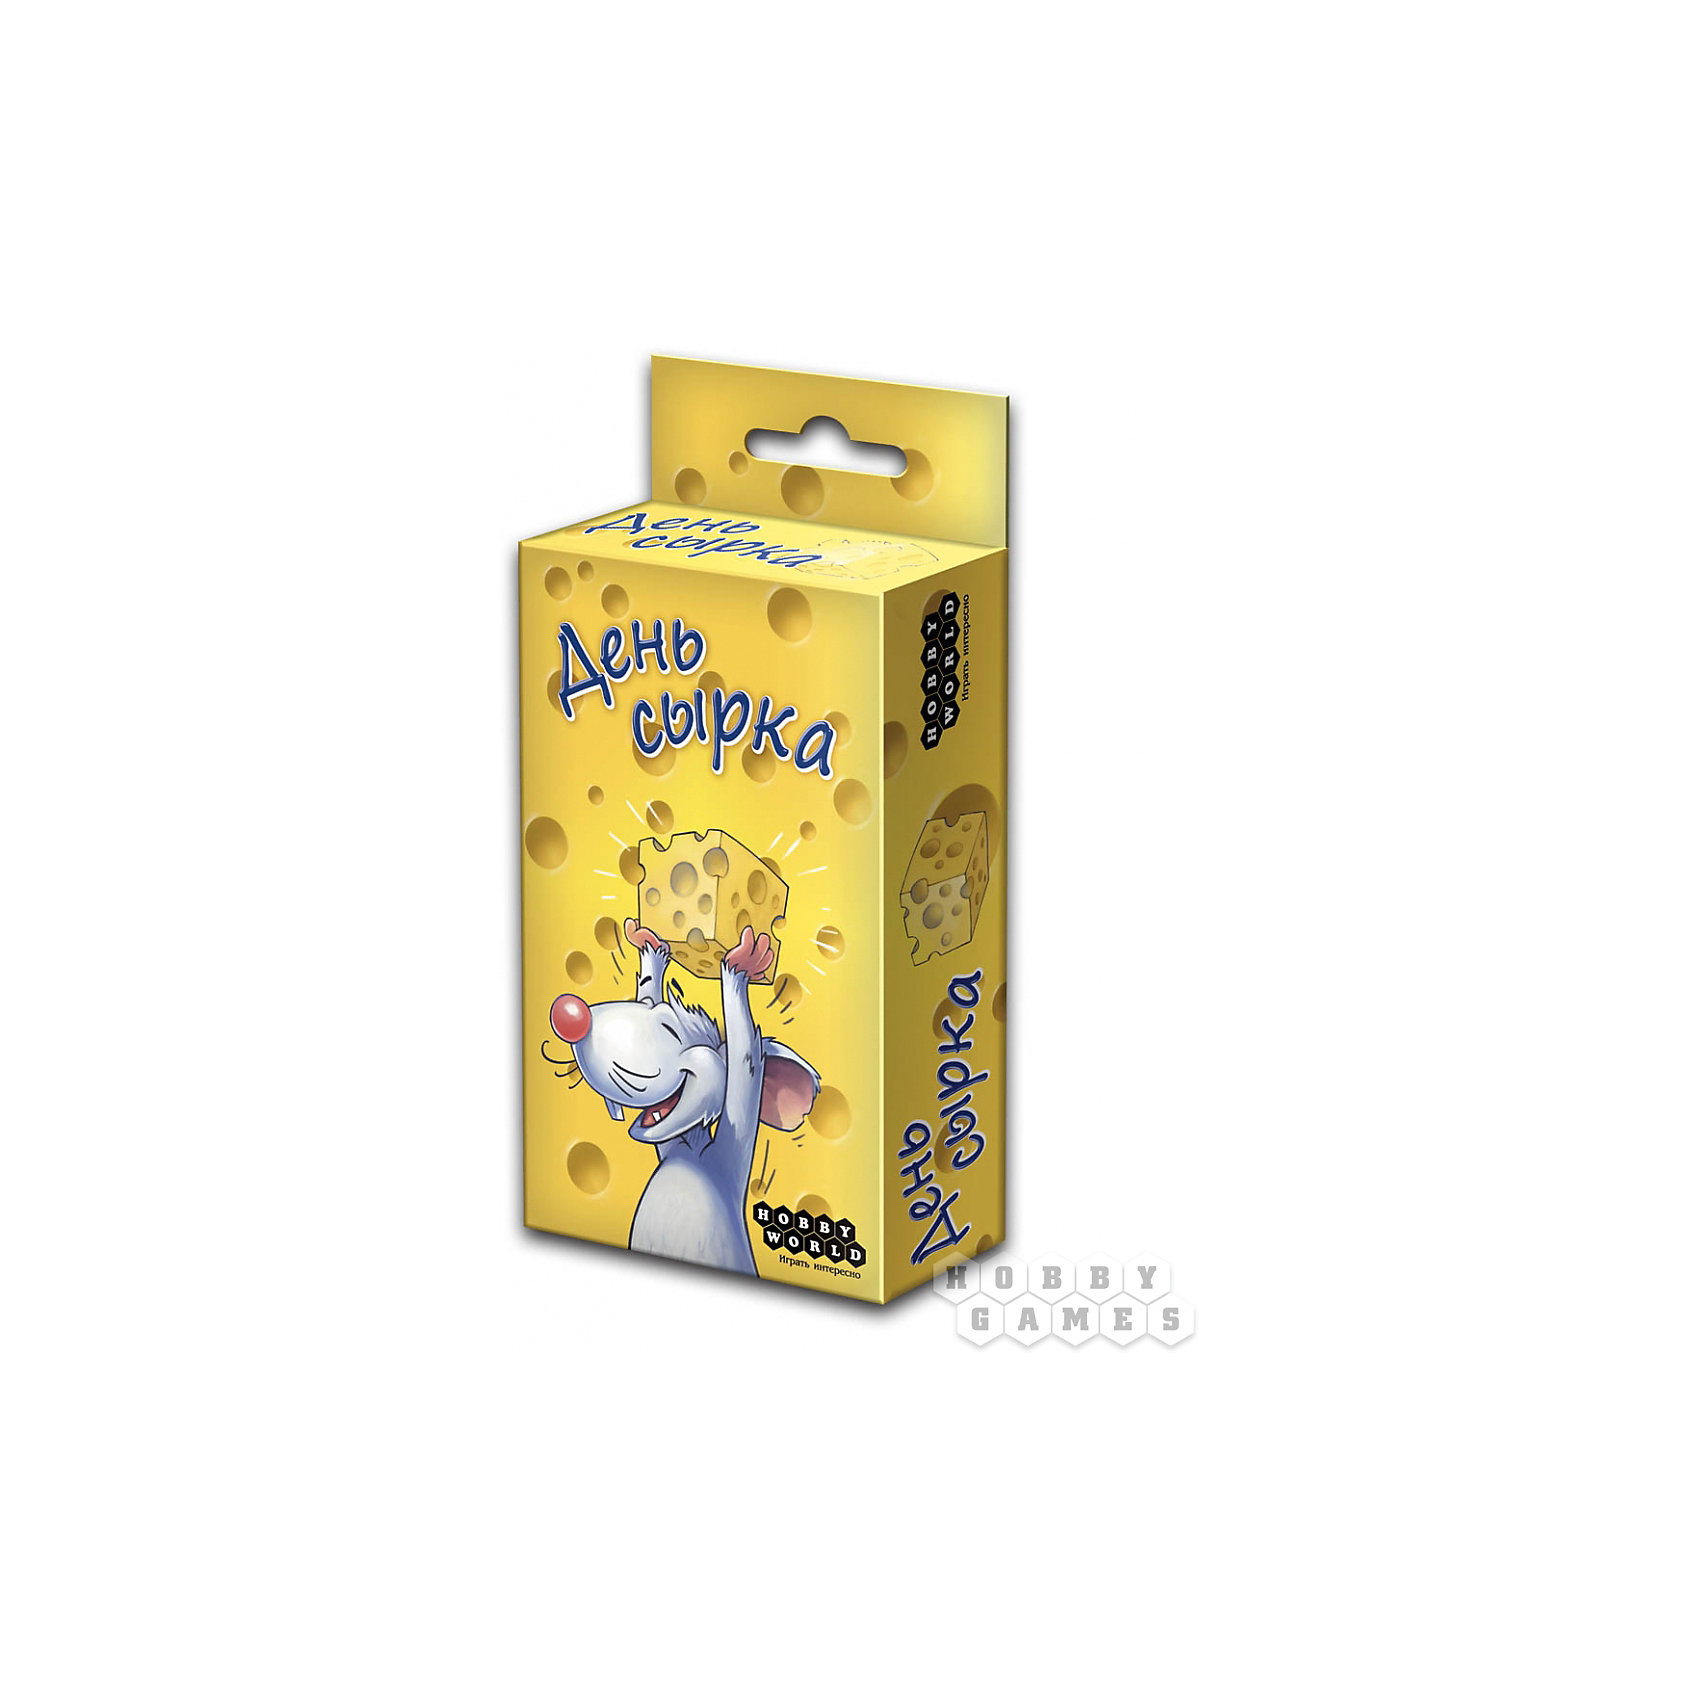 Набор День сырка,  Hobby WorldКарточные игры<br>Характеристики товара:<br><br>• возраст: от 5 лет;<br>• материал: картон;<br>• количество игроков: 2-6 человек;<br>• время игры: 15 минут;<br>• в комплекте: 36 карт, кубик, правила игры;<br>• размер упаковки 13,5х6,8х2,8 см;<br>• вес упаковки 71 гр.;<br>• страна производитель: Россия.<br><br>Набор «День сырка» Hobby World позволит увлекательно провести время в компании друзей или семьи. В игре каждый предстает в роли мышки, которая должна собрать как можно больше сырных дырочек. Но чем больше дырок на карточке, тем велика вероятность попасться в мышеловку. Во время игры игроки в некоторых случаях могут подсматривать, что находится на лицевой стороне карты, а в других случаях приходится надеяться на удачу. Если мышка попала в мышеловку 3 раза, игрок выбывает. Победит тот, кто соберет больше всех сырных дырочек.<br><br>Набор «День сырка» Hobby World можно приобрести в нашем интернет-магазине.<br><br>Ширина мм: 135<br>Глубина мм: 68<br>Высота мм: 28<br>Вес г: 71<br>Возраст от месяцев: 60<br>Возраст до месяцев: 2147483647<br>Пол: Унисекс<br>Возраст: Детский<br>SKU: 5597222